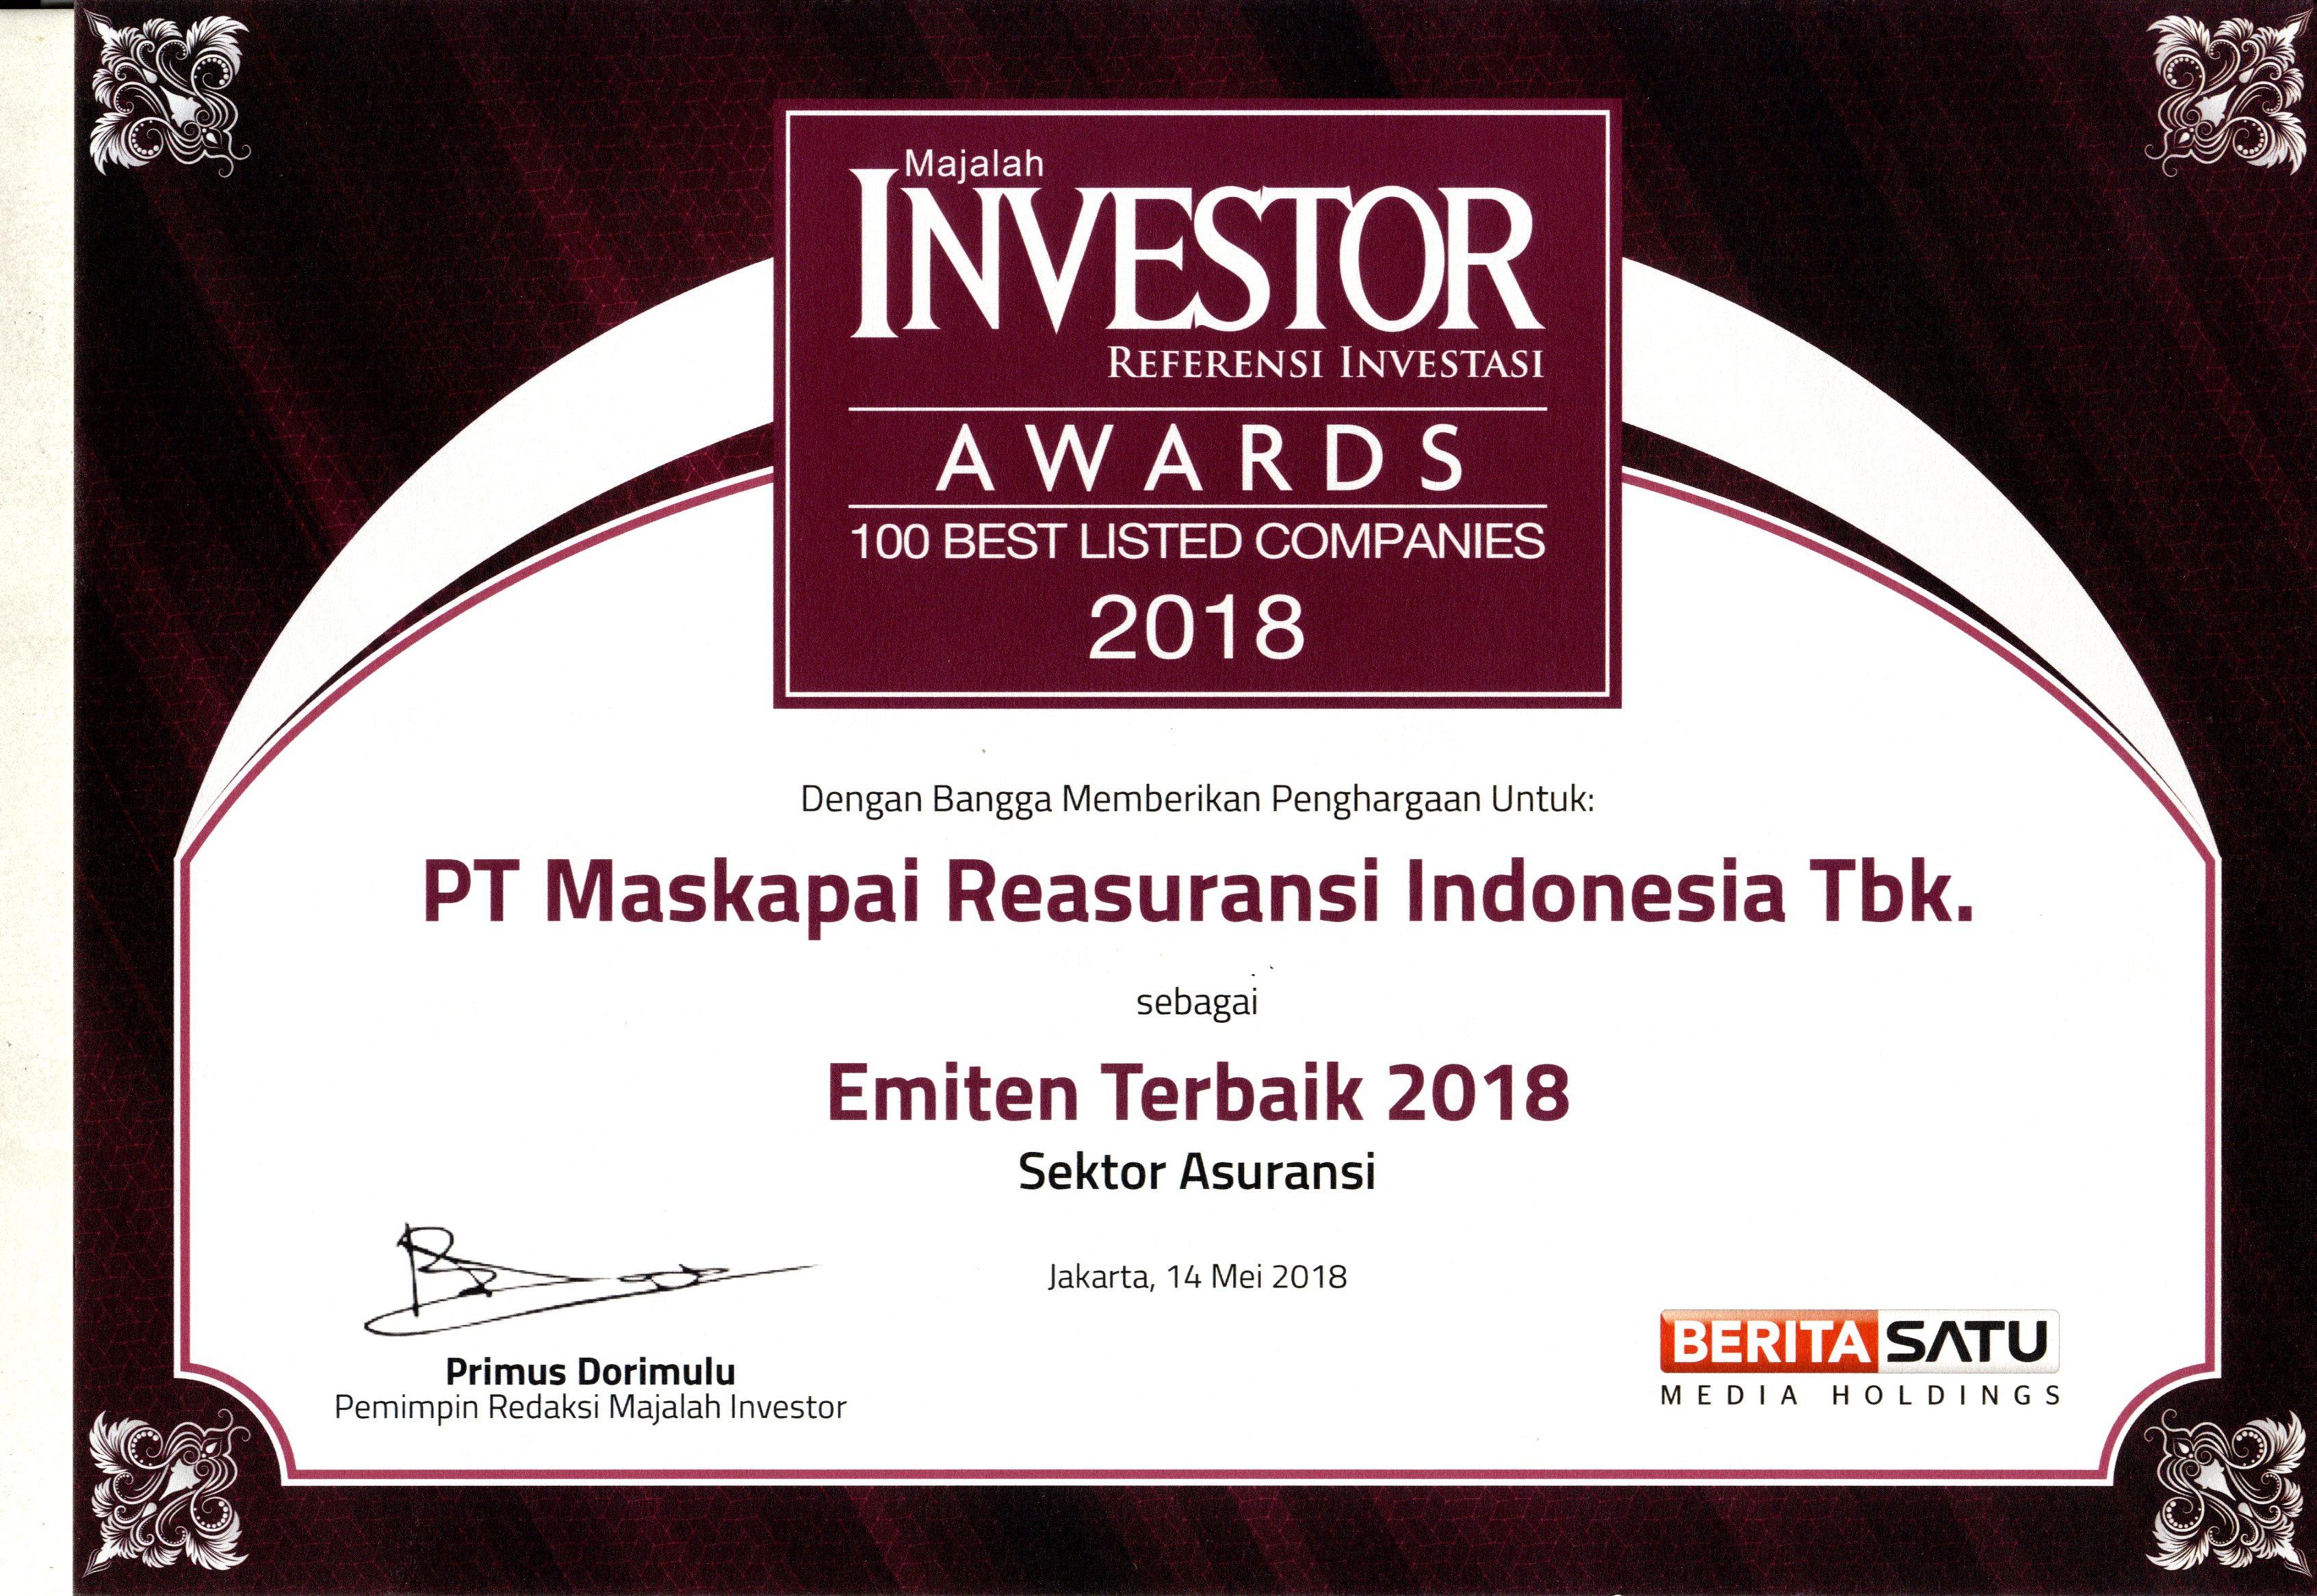 Majalah Investor : Emiten Terbaik 2018 Sektor Asuransi